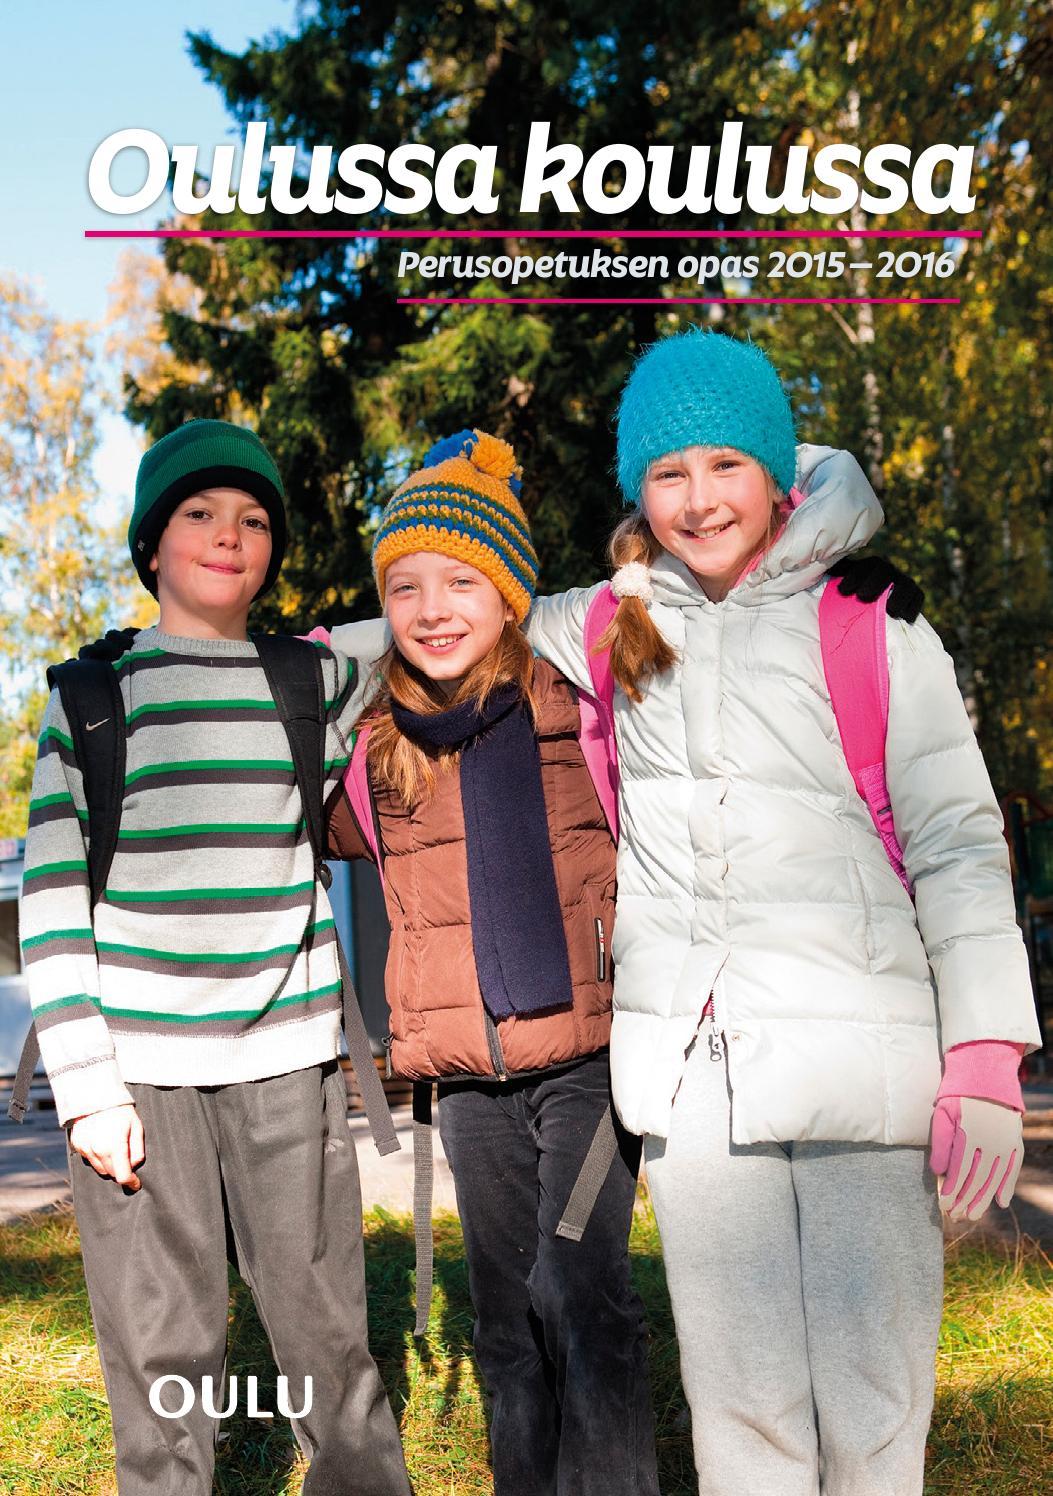 Kansainvälinen Koulu Oulu